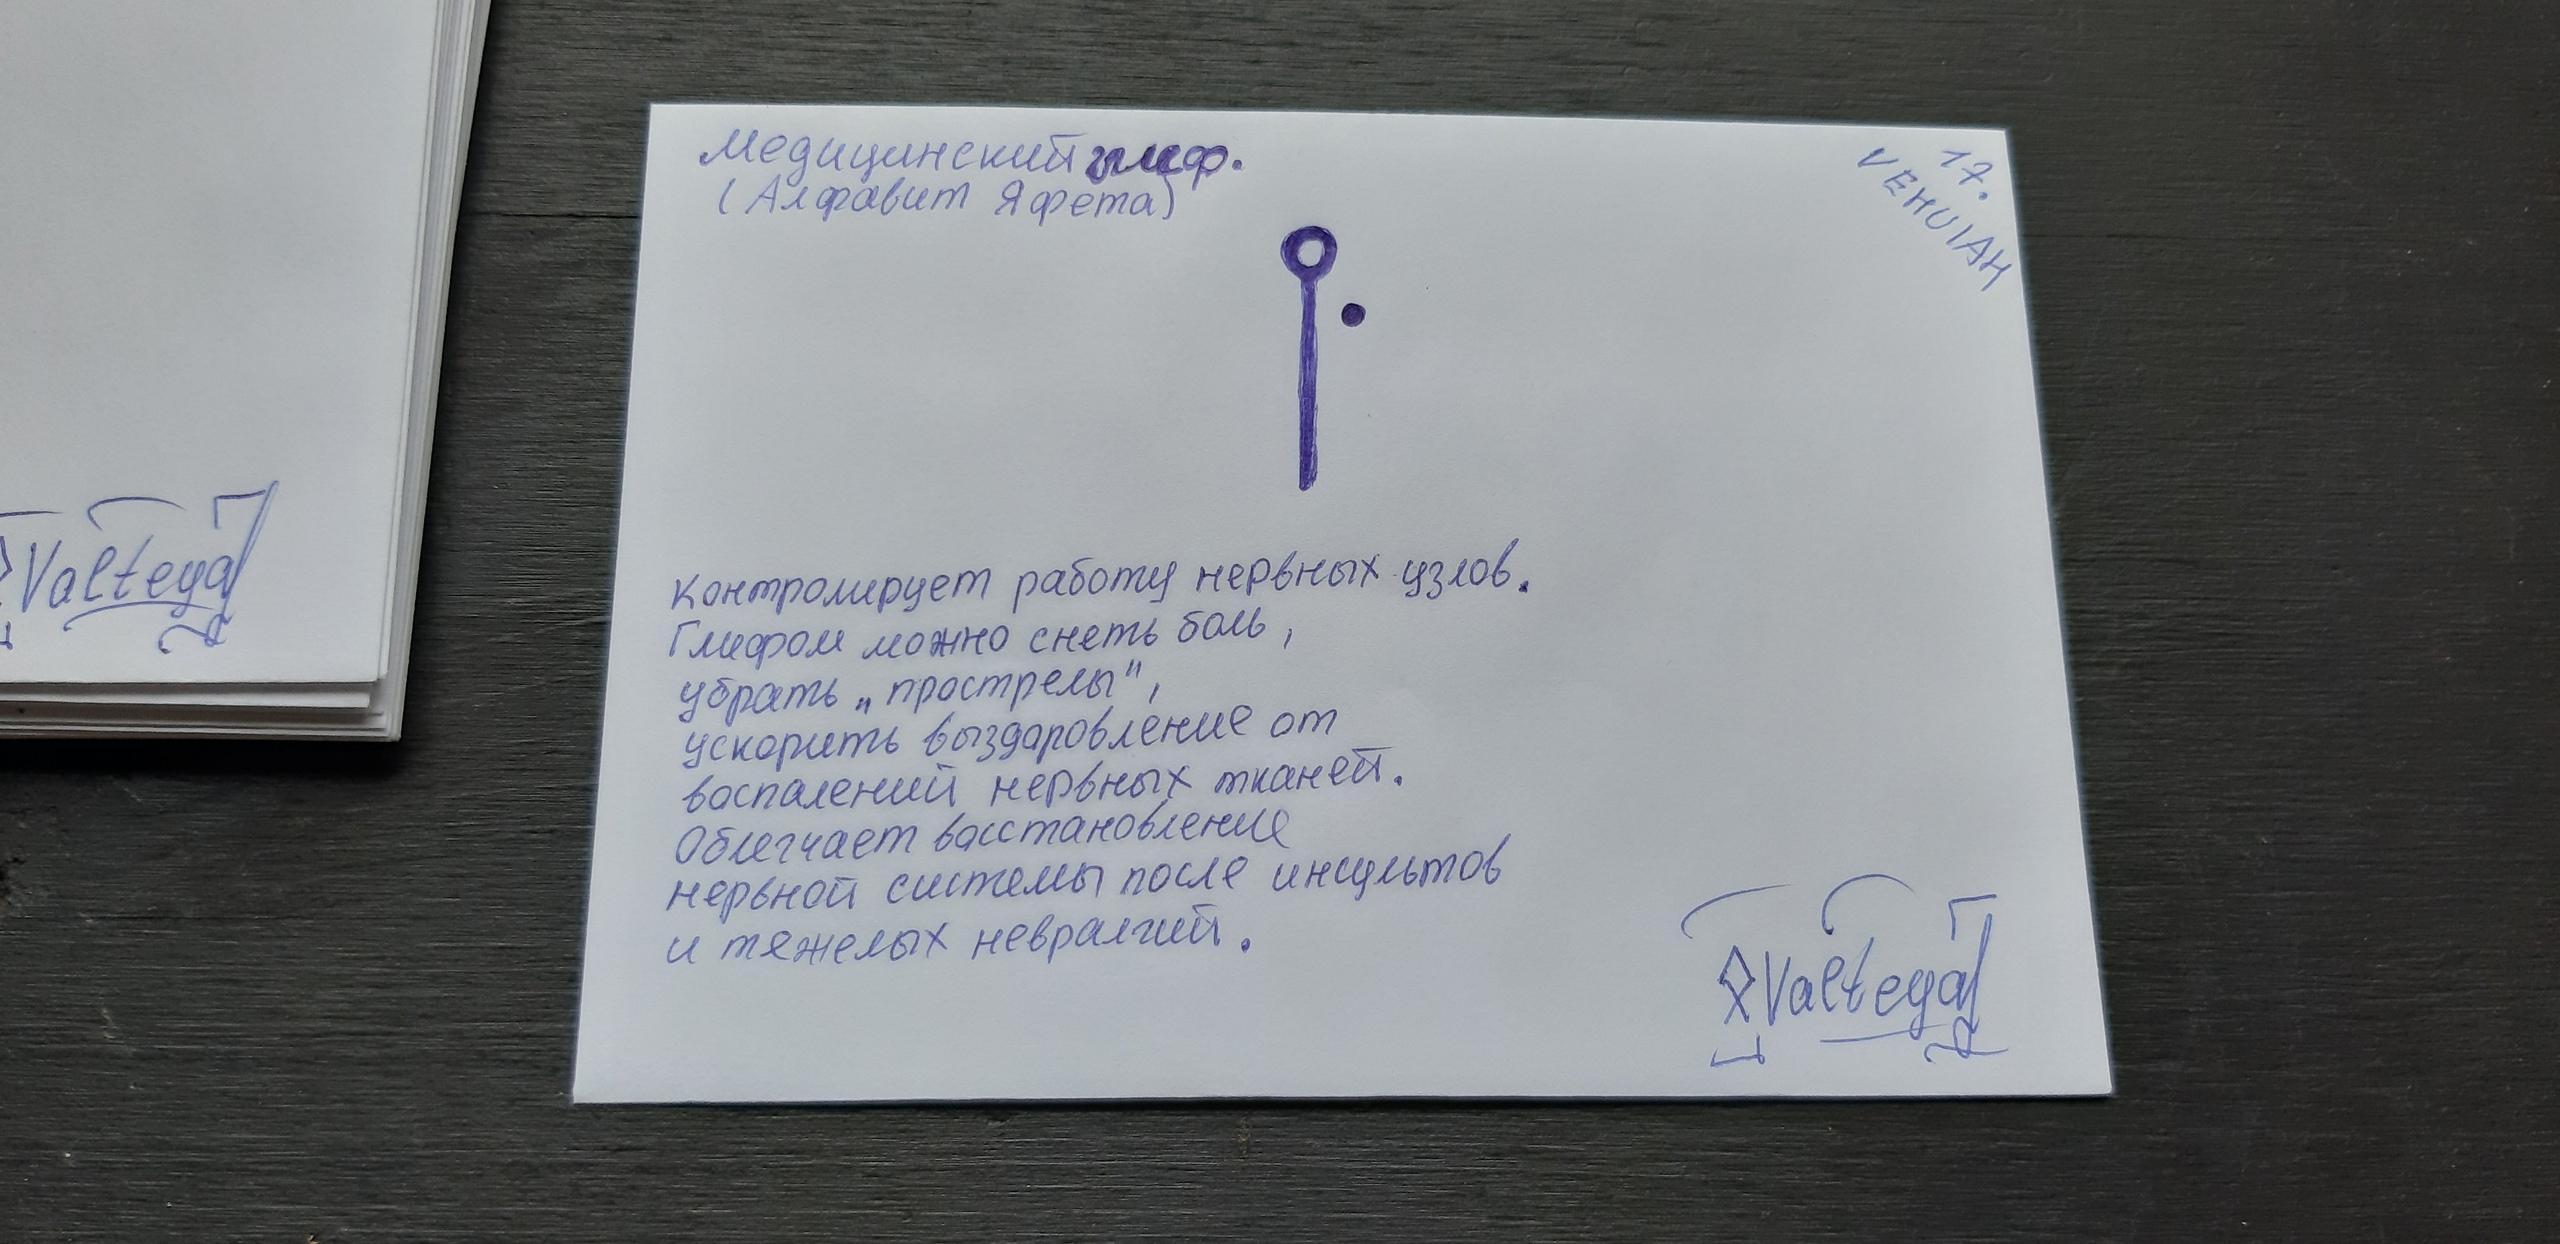 Конверты медицинские глифы. Алфавит Яфета PPThI06gNlM